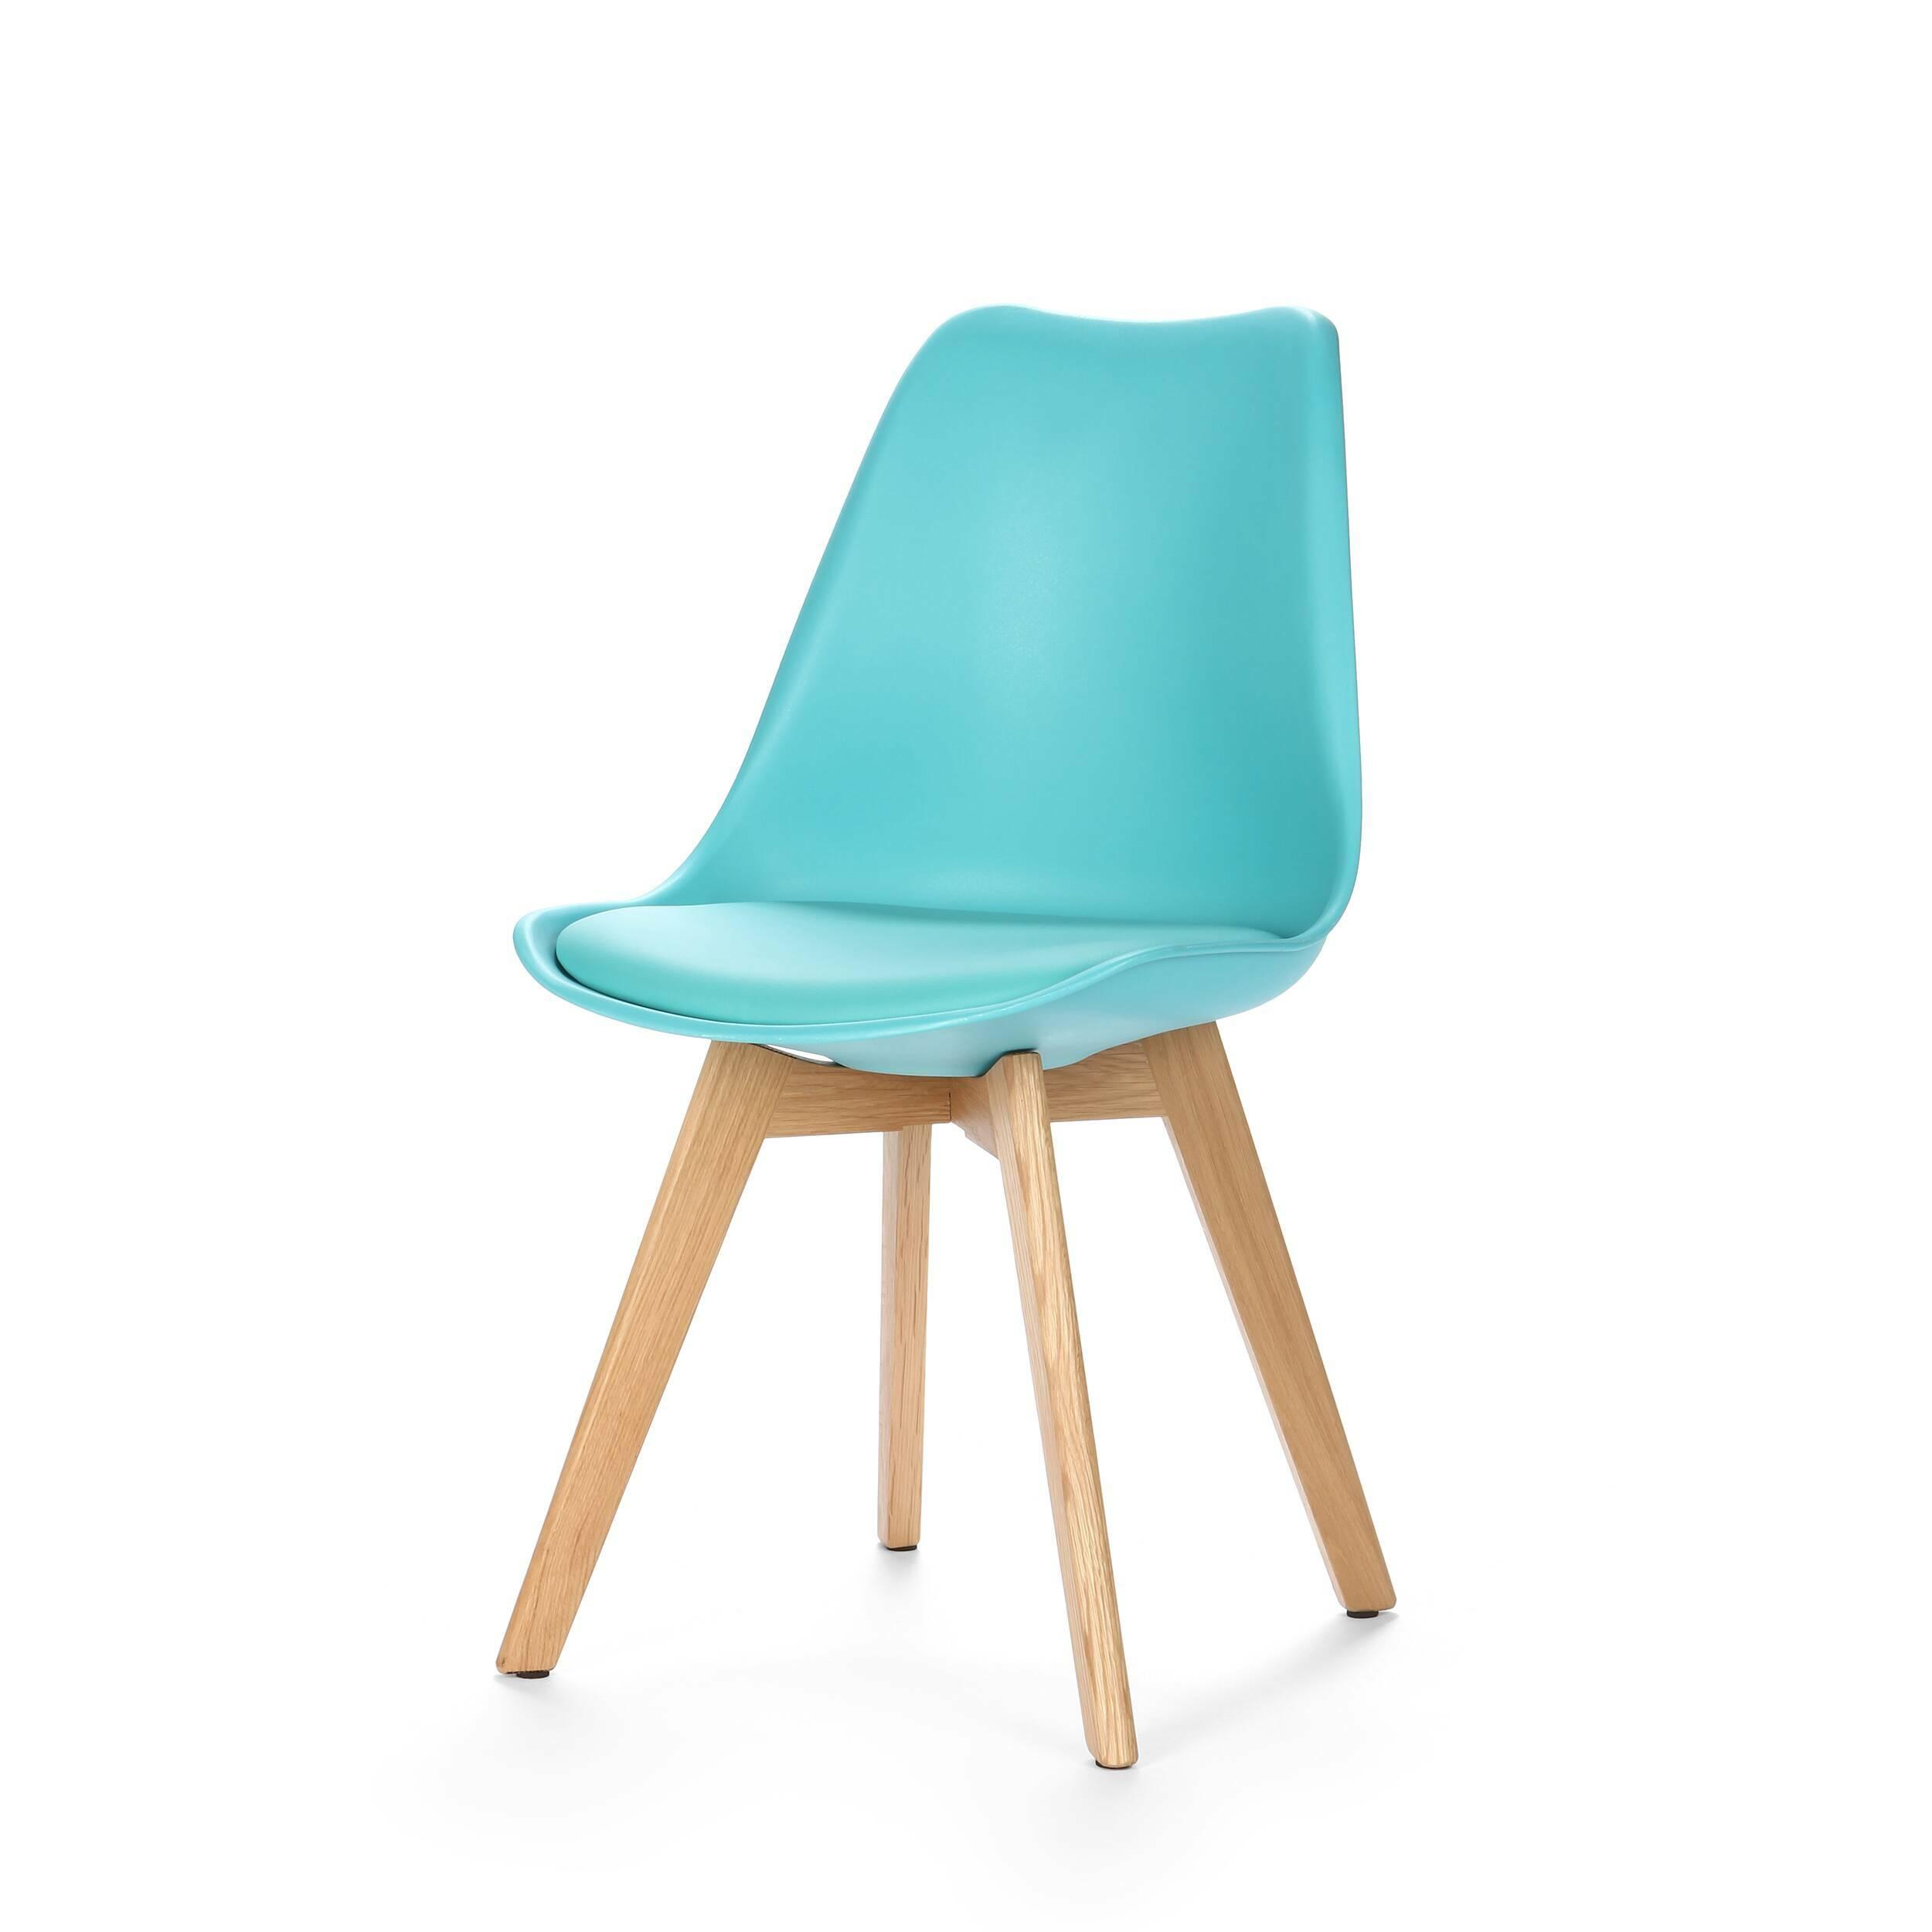 Стул SephiИнтерьерные<br>Дизайнерский креативный легкий однотонный стул Sephi (Сефи) из полиуретана на деревянных ножках от Cosmo (Космо).<br>Универсальный благодаря способности сочетаться с разными по стилю интерьерами, дизайн стула Sephi, возможно, как раз то, что вы искали. Даже если спустя время вы решили затеять ремонт, будьте уверены: и для него стул Sephi подойдет прекрасно! Экспериментируя с цветами стен, напольного покрытия или аксессуаров, создавая собственные дизайн-проекты, непременно включите в них и этот ...<br><br>stock: 1<br>Высота: 84<br>Ширина: 48.5<br>Глубина: 54.5<br>Цвет ножек: Белый дуб<br>Материал ножек: Массив дуба<br>Тип материала каркаса: Пластик<br>Материал сидения: Полиуретан<br>Цвет сидения: Бирюзовый<br>Тип материала сидения: Кожа искусственная<br>Тип материала ножек: Дерево<br>Цвет каркаса: Бирюзовый